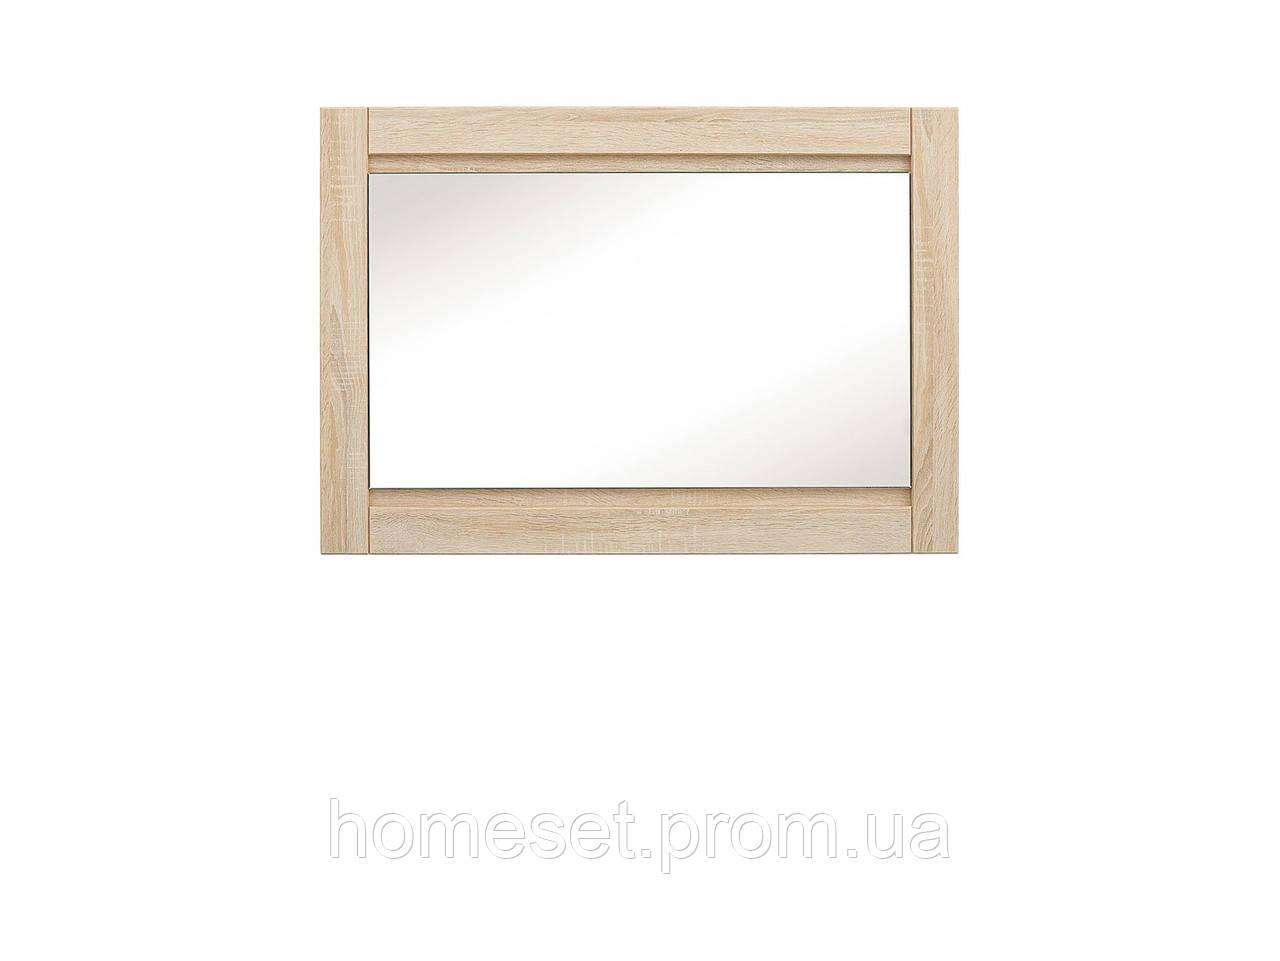 """Зеркало серии Августин - """"ХоумСет"""" - Мебель и товары для дома и семьи в Львове"""